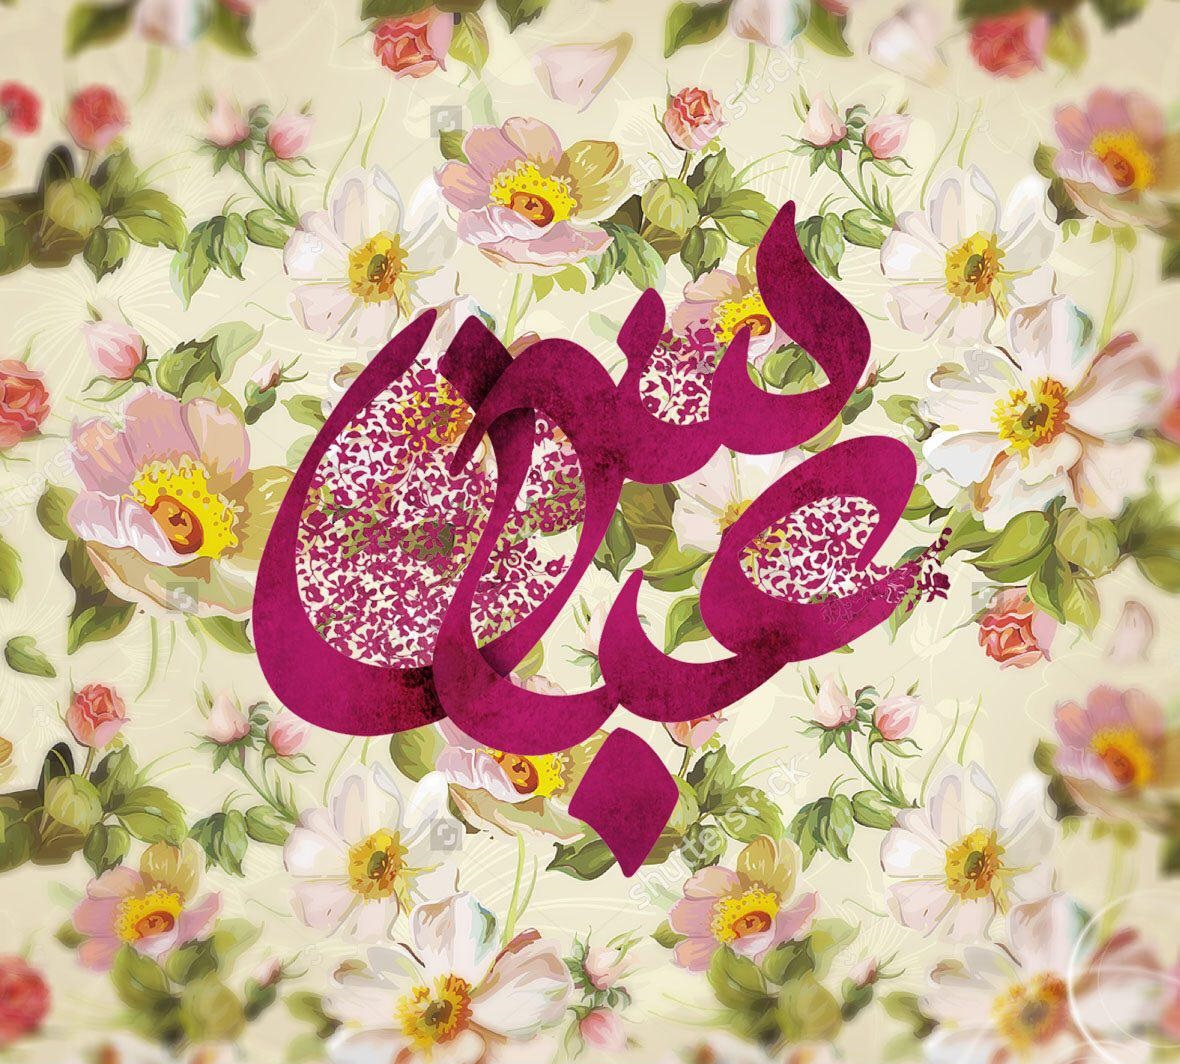 عکس پروفایل در مورد حضرت عباس (ع)